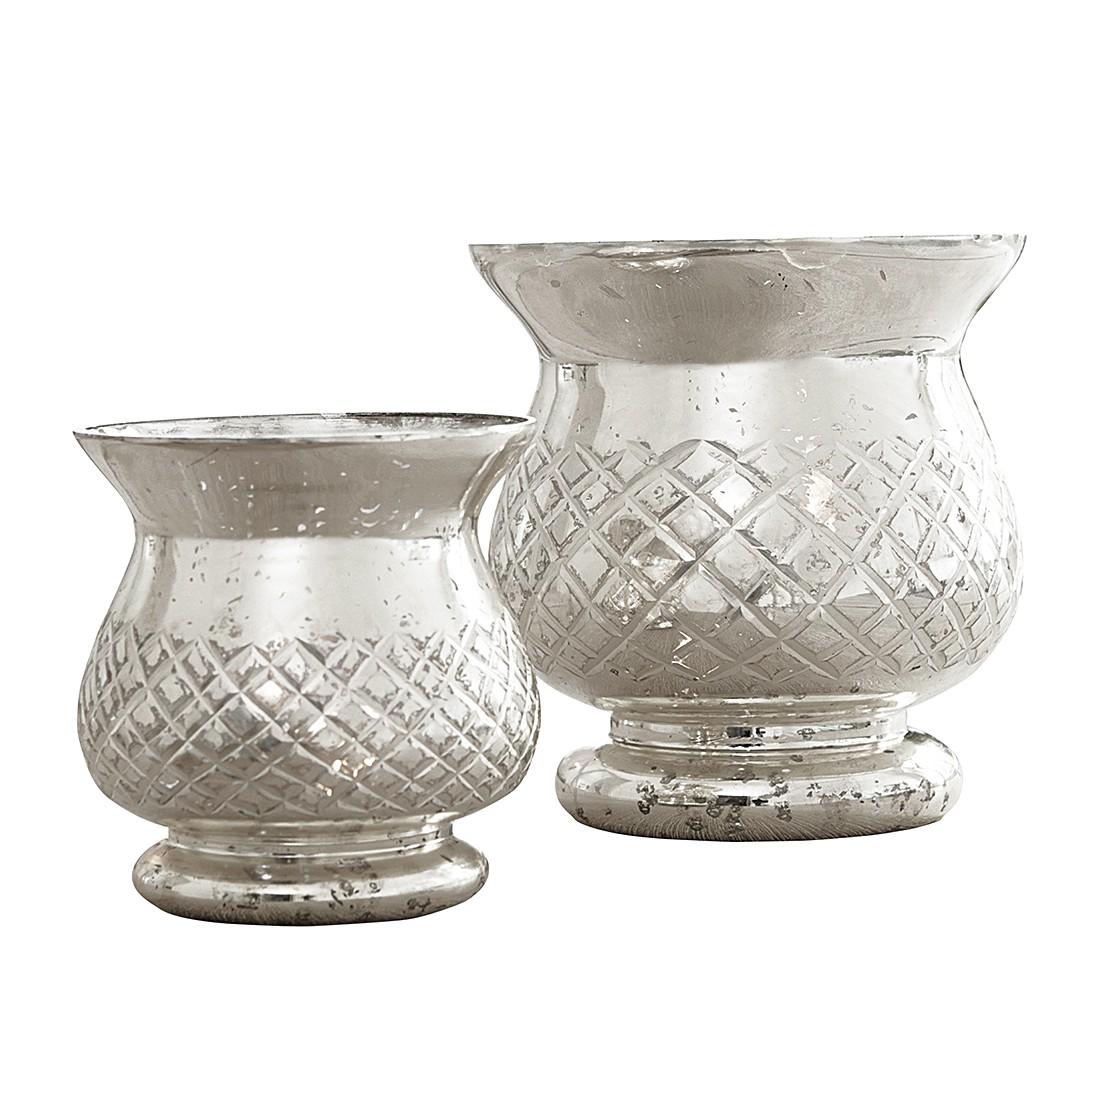 Windlicht Seray (2er-Set) – Glas – Silber, Loberon bestellen